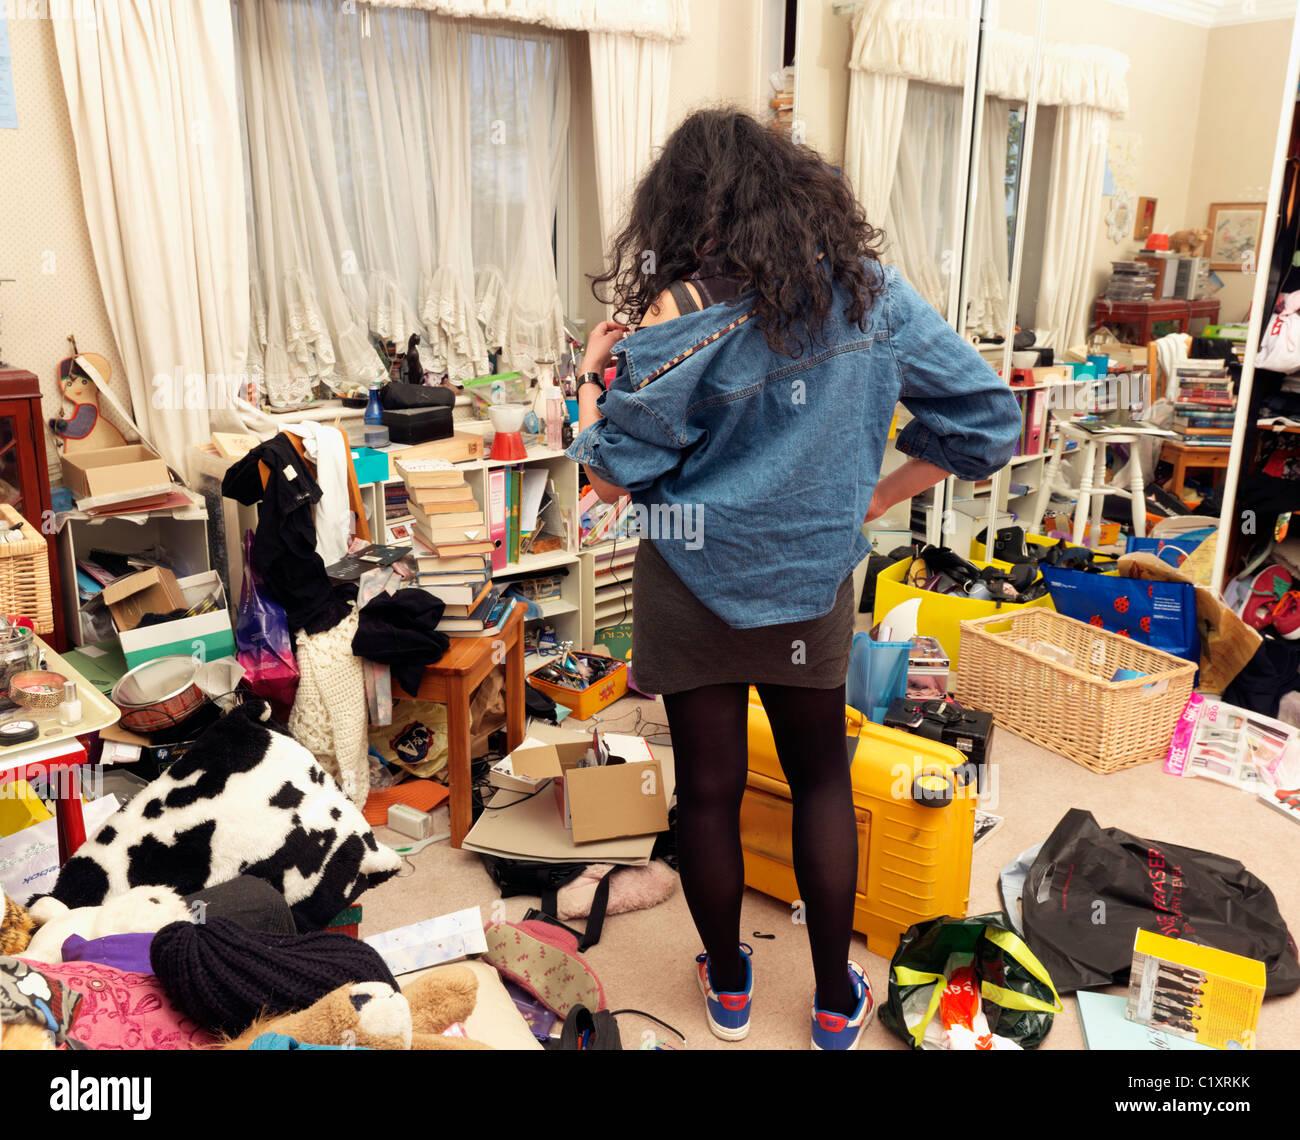 Teenage Girl dans une chambre en désordre Banque D'Images